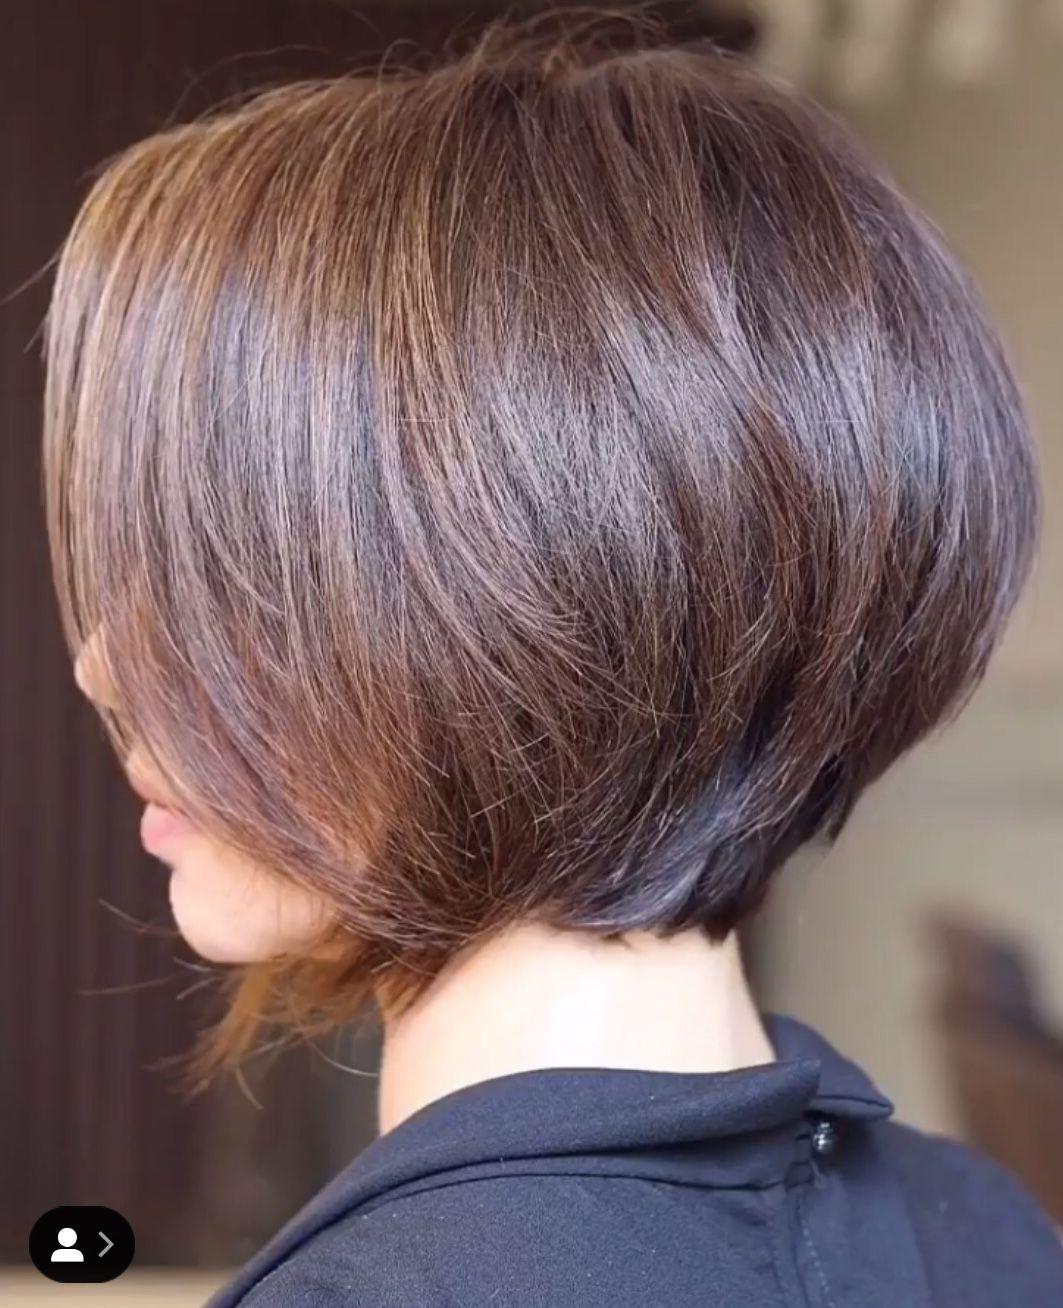 Epingle Par Hairstyling Contact Sur Bobs En Lobs Zijkant 02 Cheveux Courts Coupe De Cheveux Courte Coupe De Cheveux